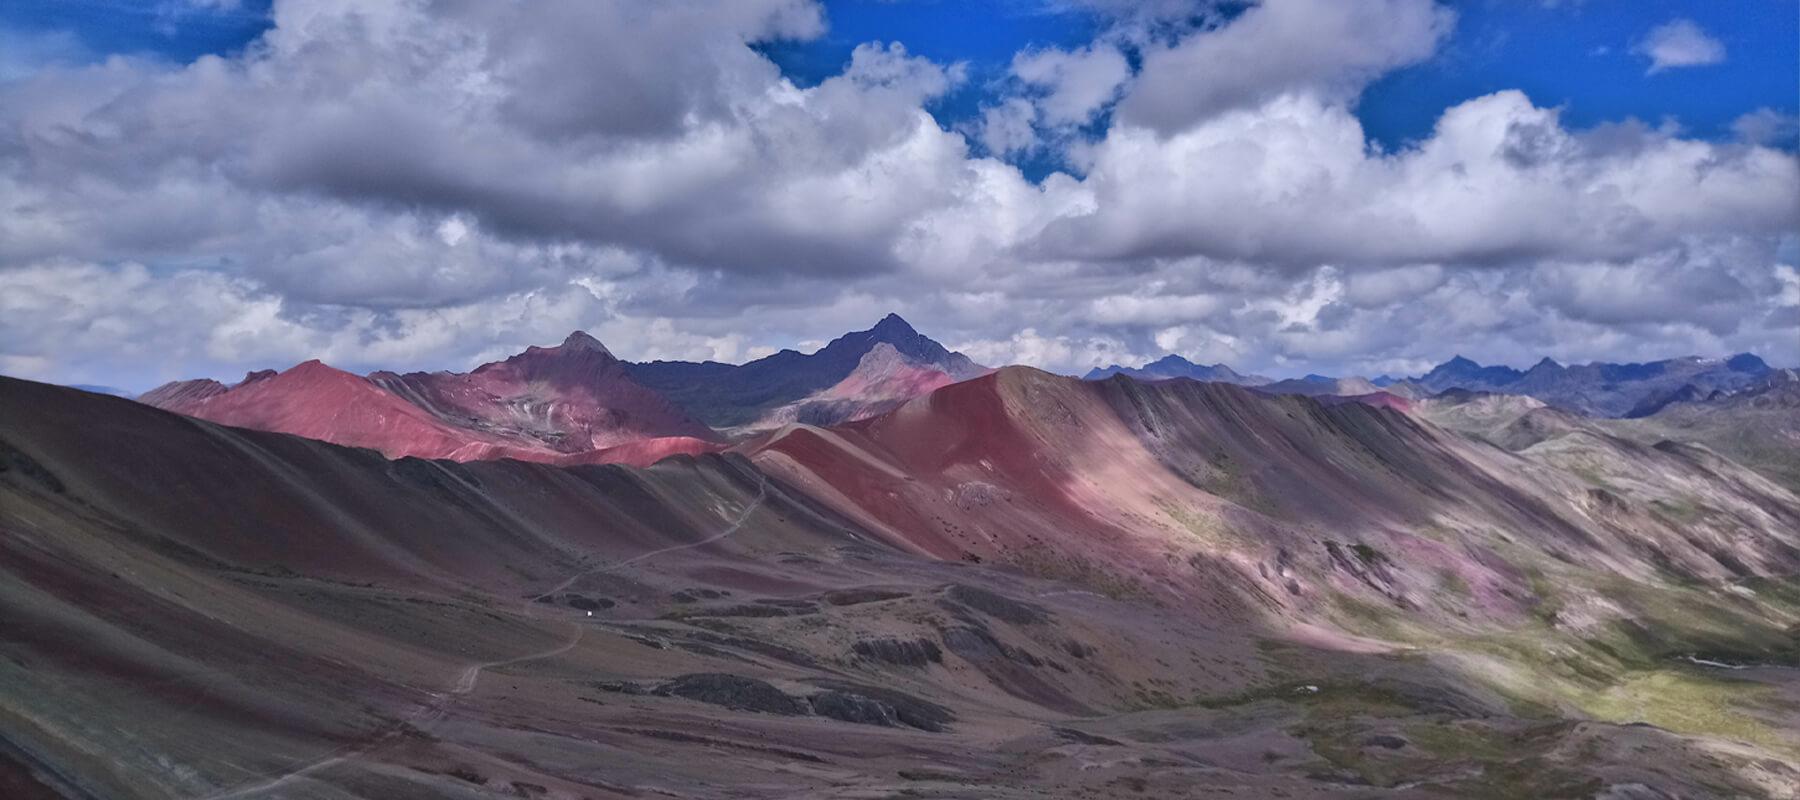 Vinicunca rainbow mountain